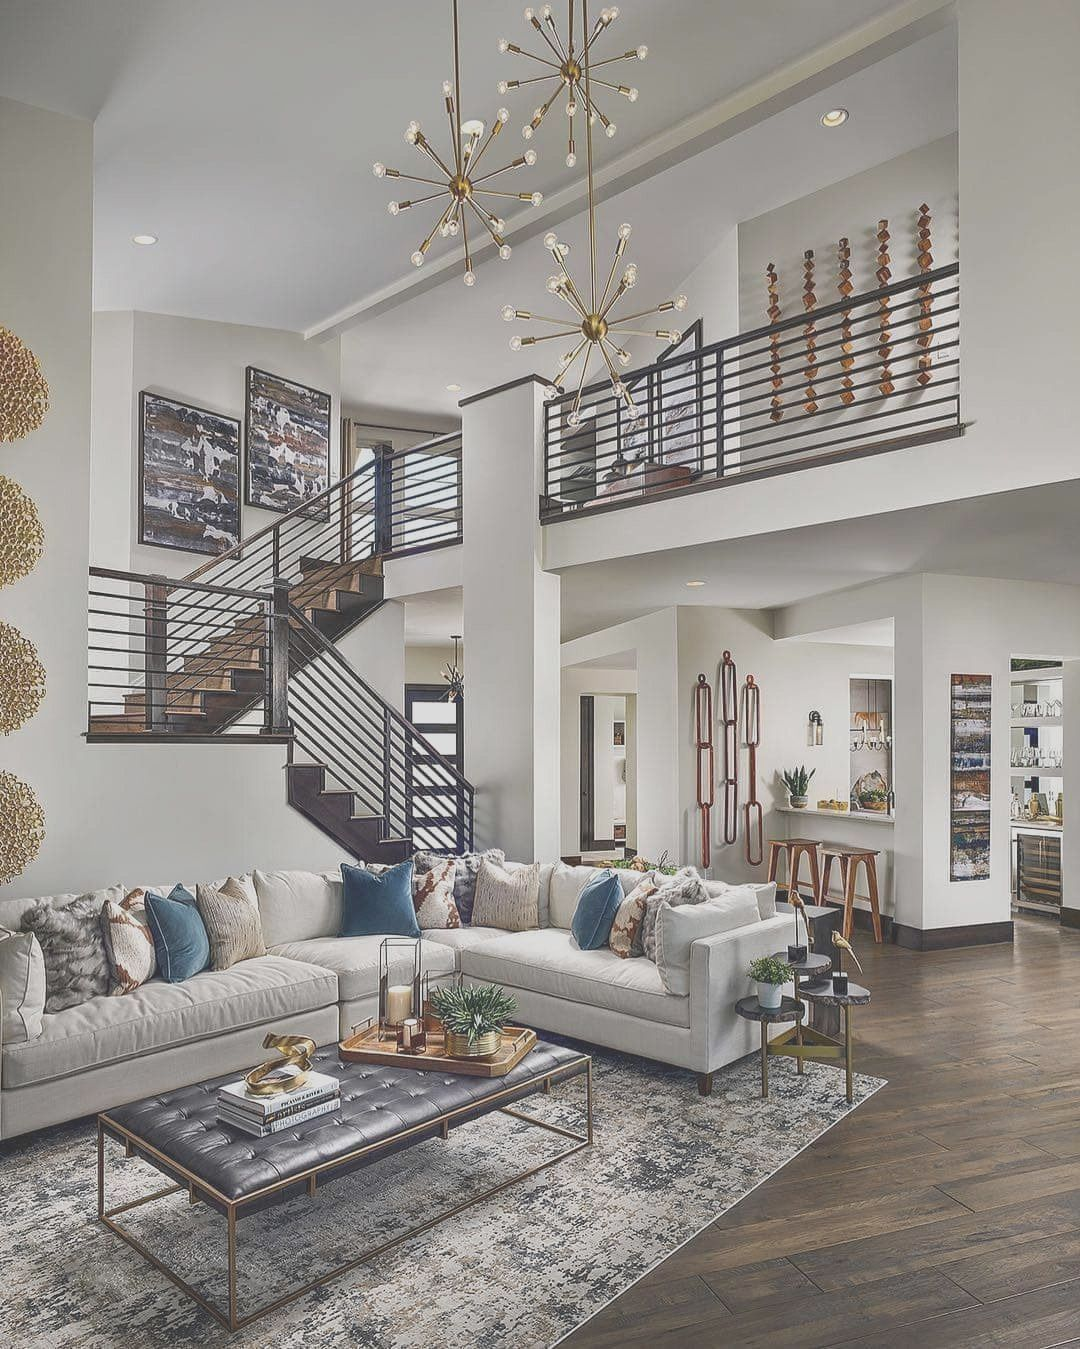 48 Stunning Modern House Design Interior Ideas Dekorasi Rumah Murah Desain Rumah Modern Dekorasi Ruang Tamu